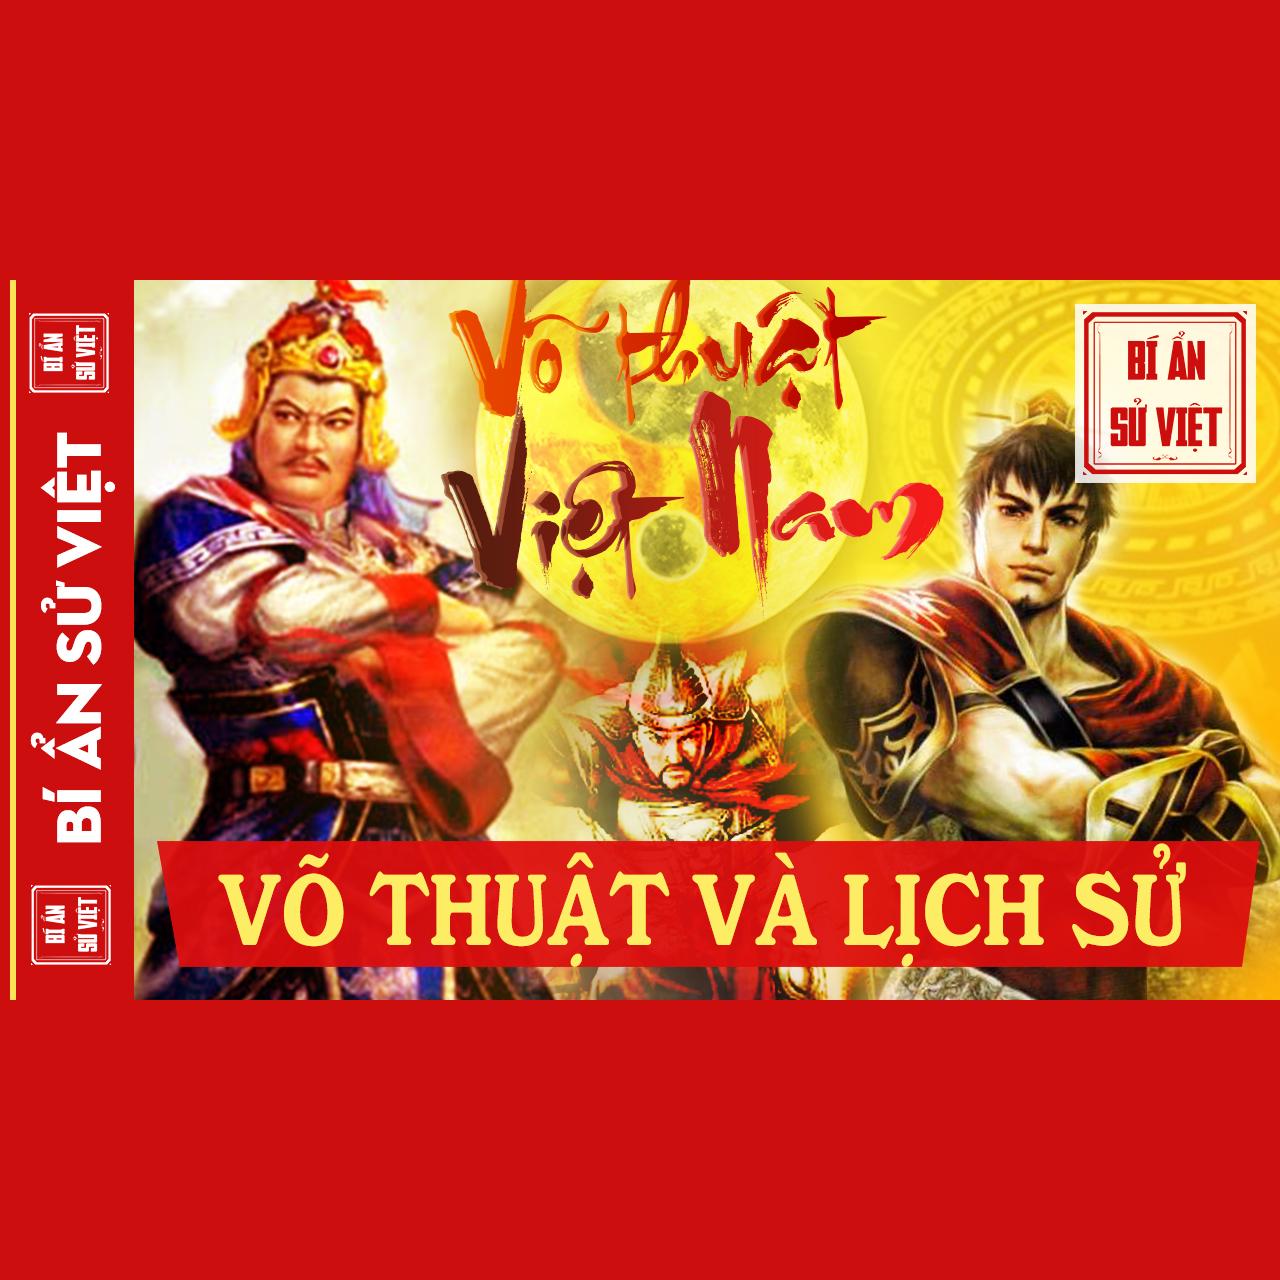 Lịch Sử Và Tinh Hoa Võ Thuật Việt Nam (FULL) - Võ Thuật Cổ Truyền Việt Nam, Võ Học Và Lịch Sử